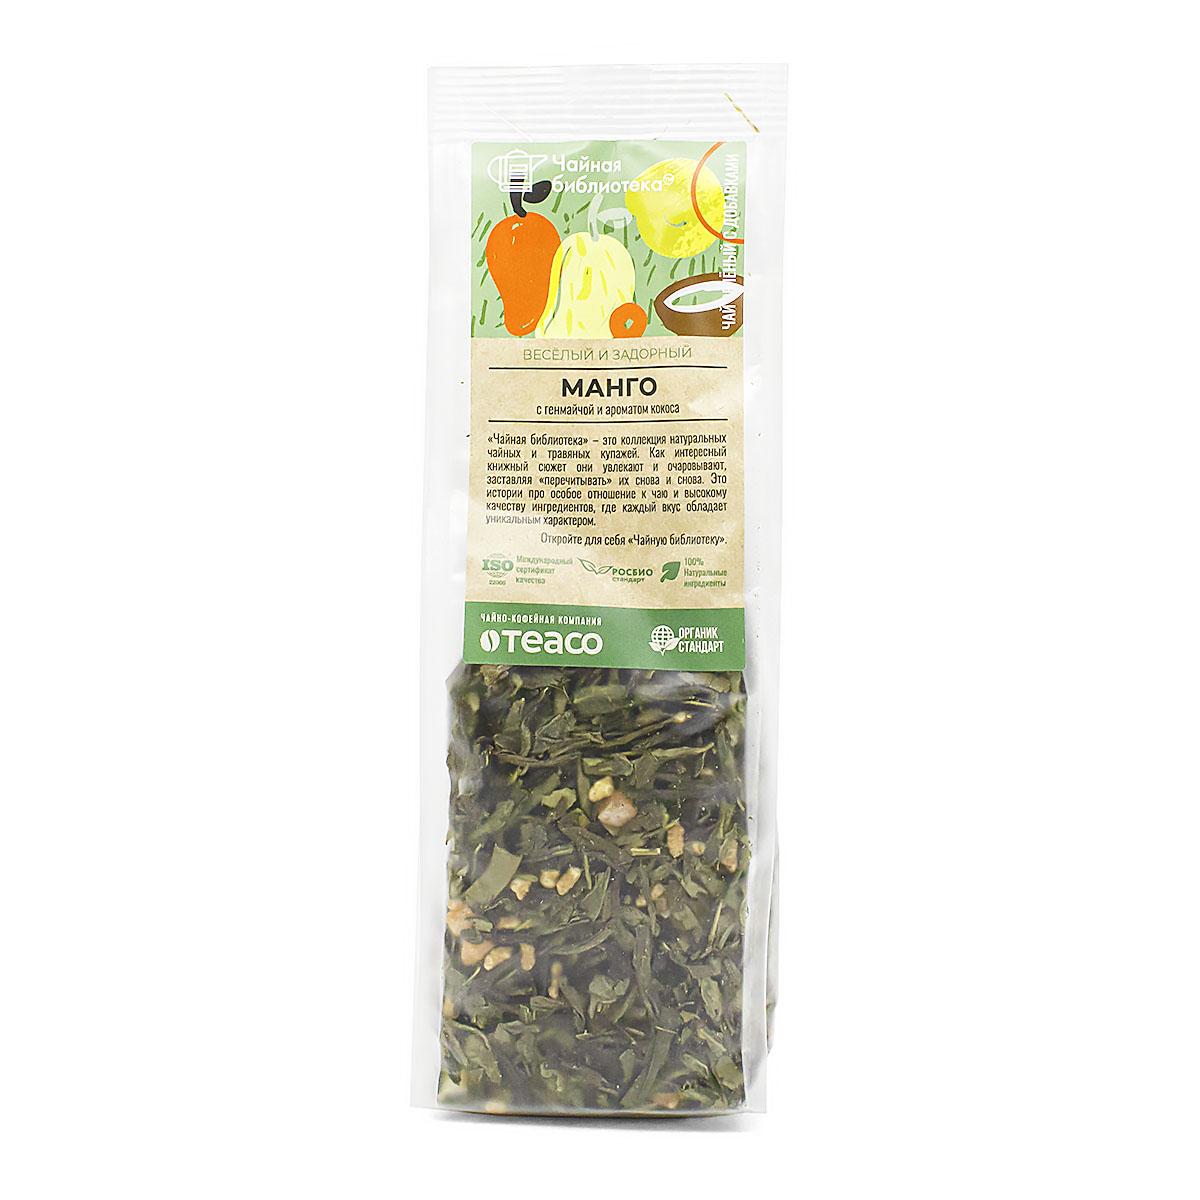 Чай зеленый Манго с генмайчой и ароматом кокоса, 100 г автомобильный ароматизатор auto fresh манго помело на бумажной основе 50 г